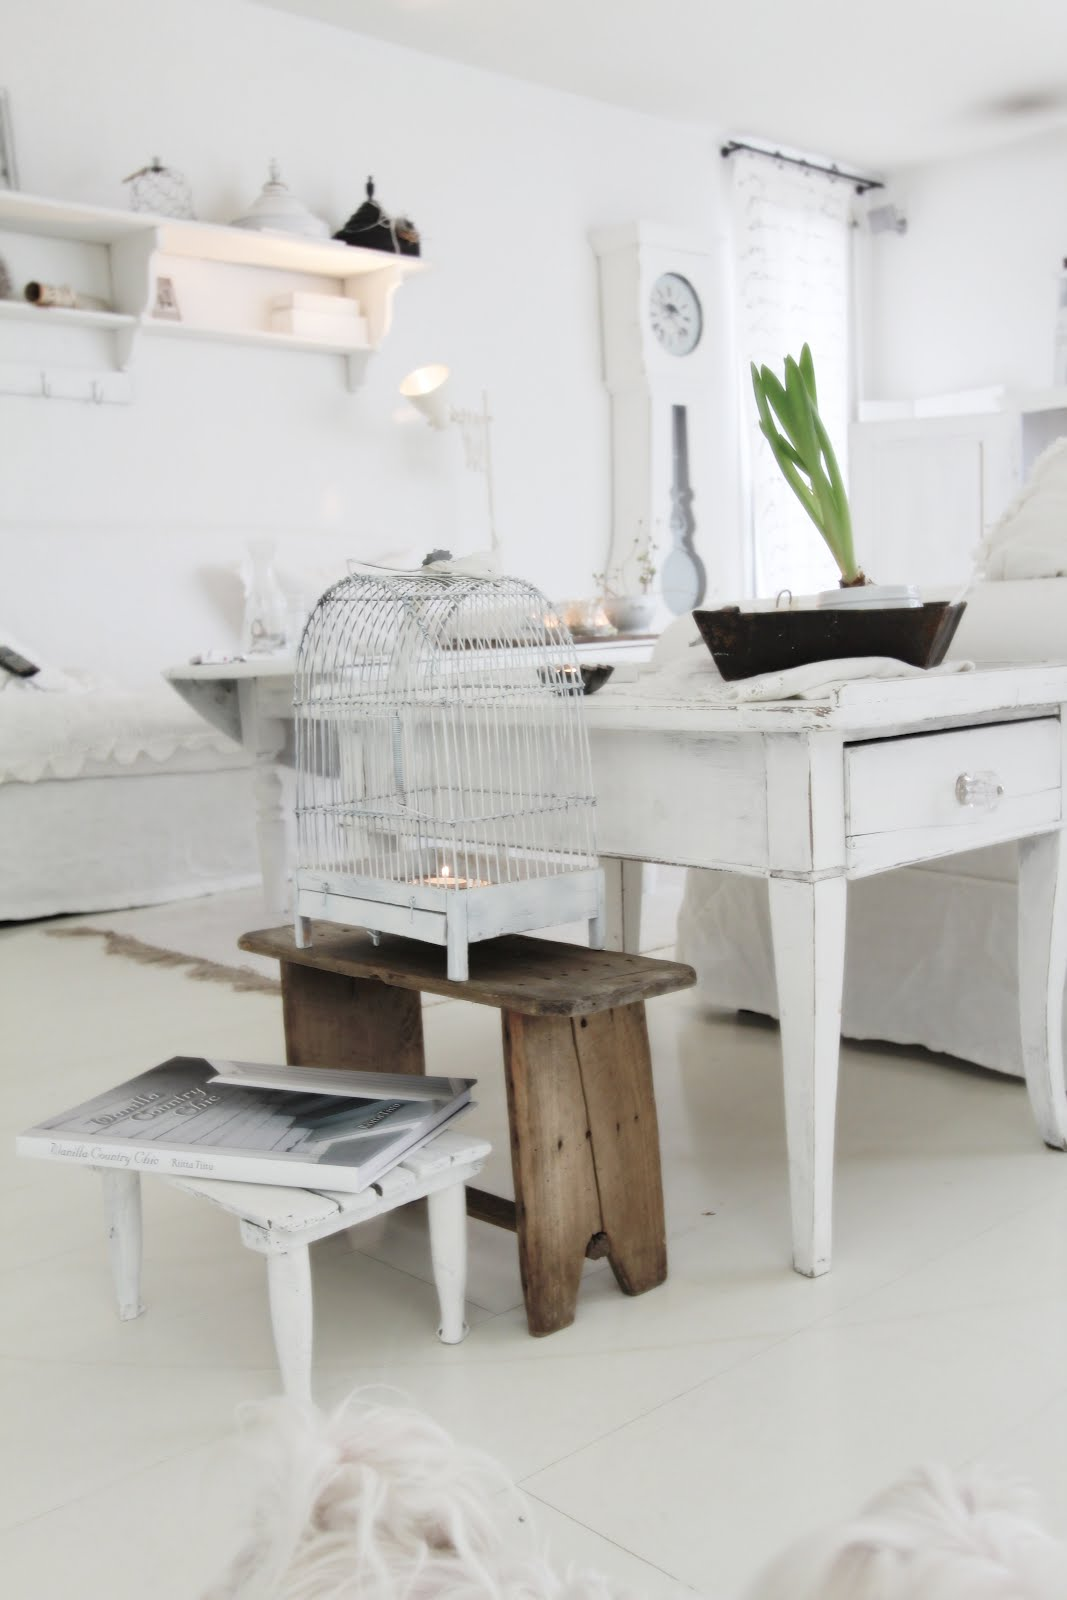 weisser traum mein kleiner valentin luici. Black Bedroom Furniture Sets. Home Design Ideas